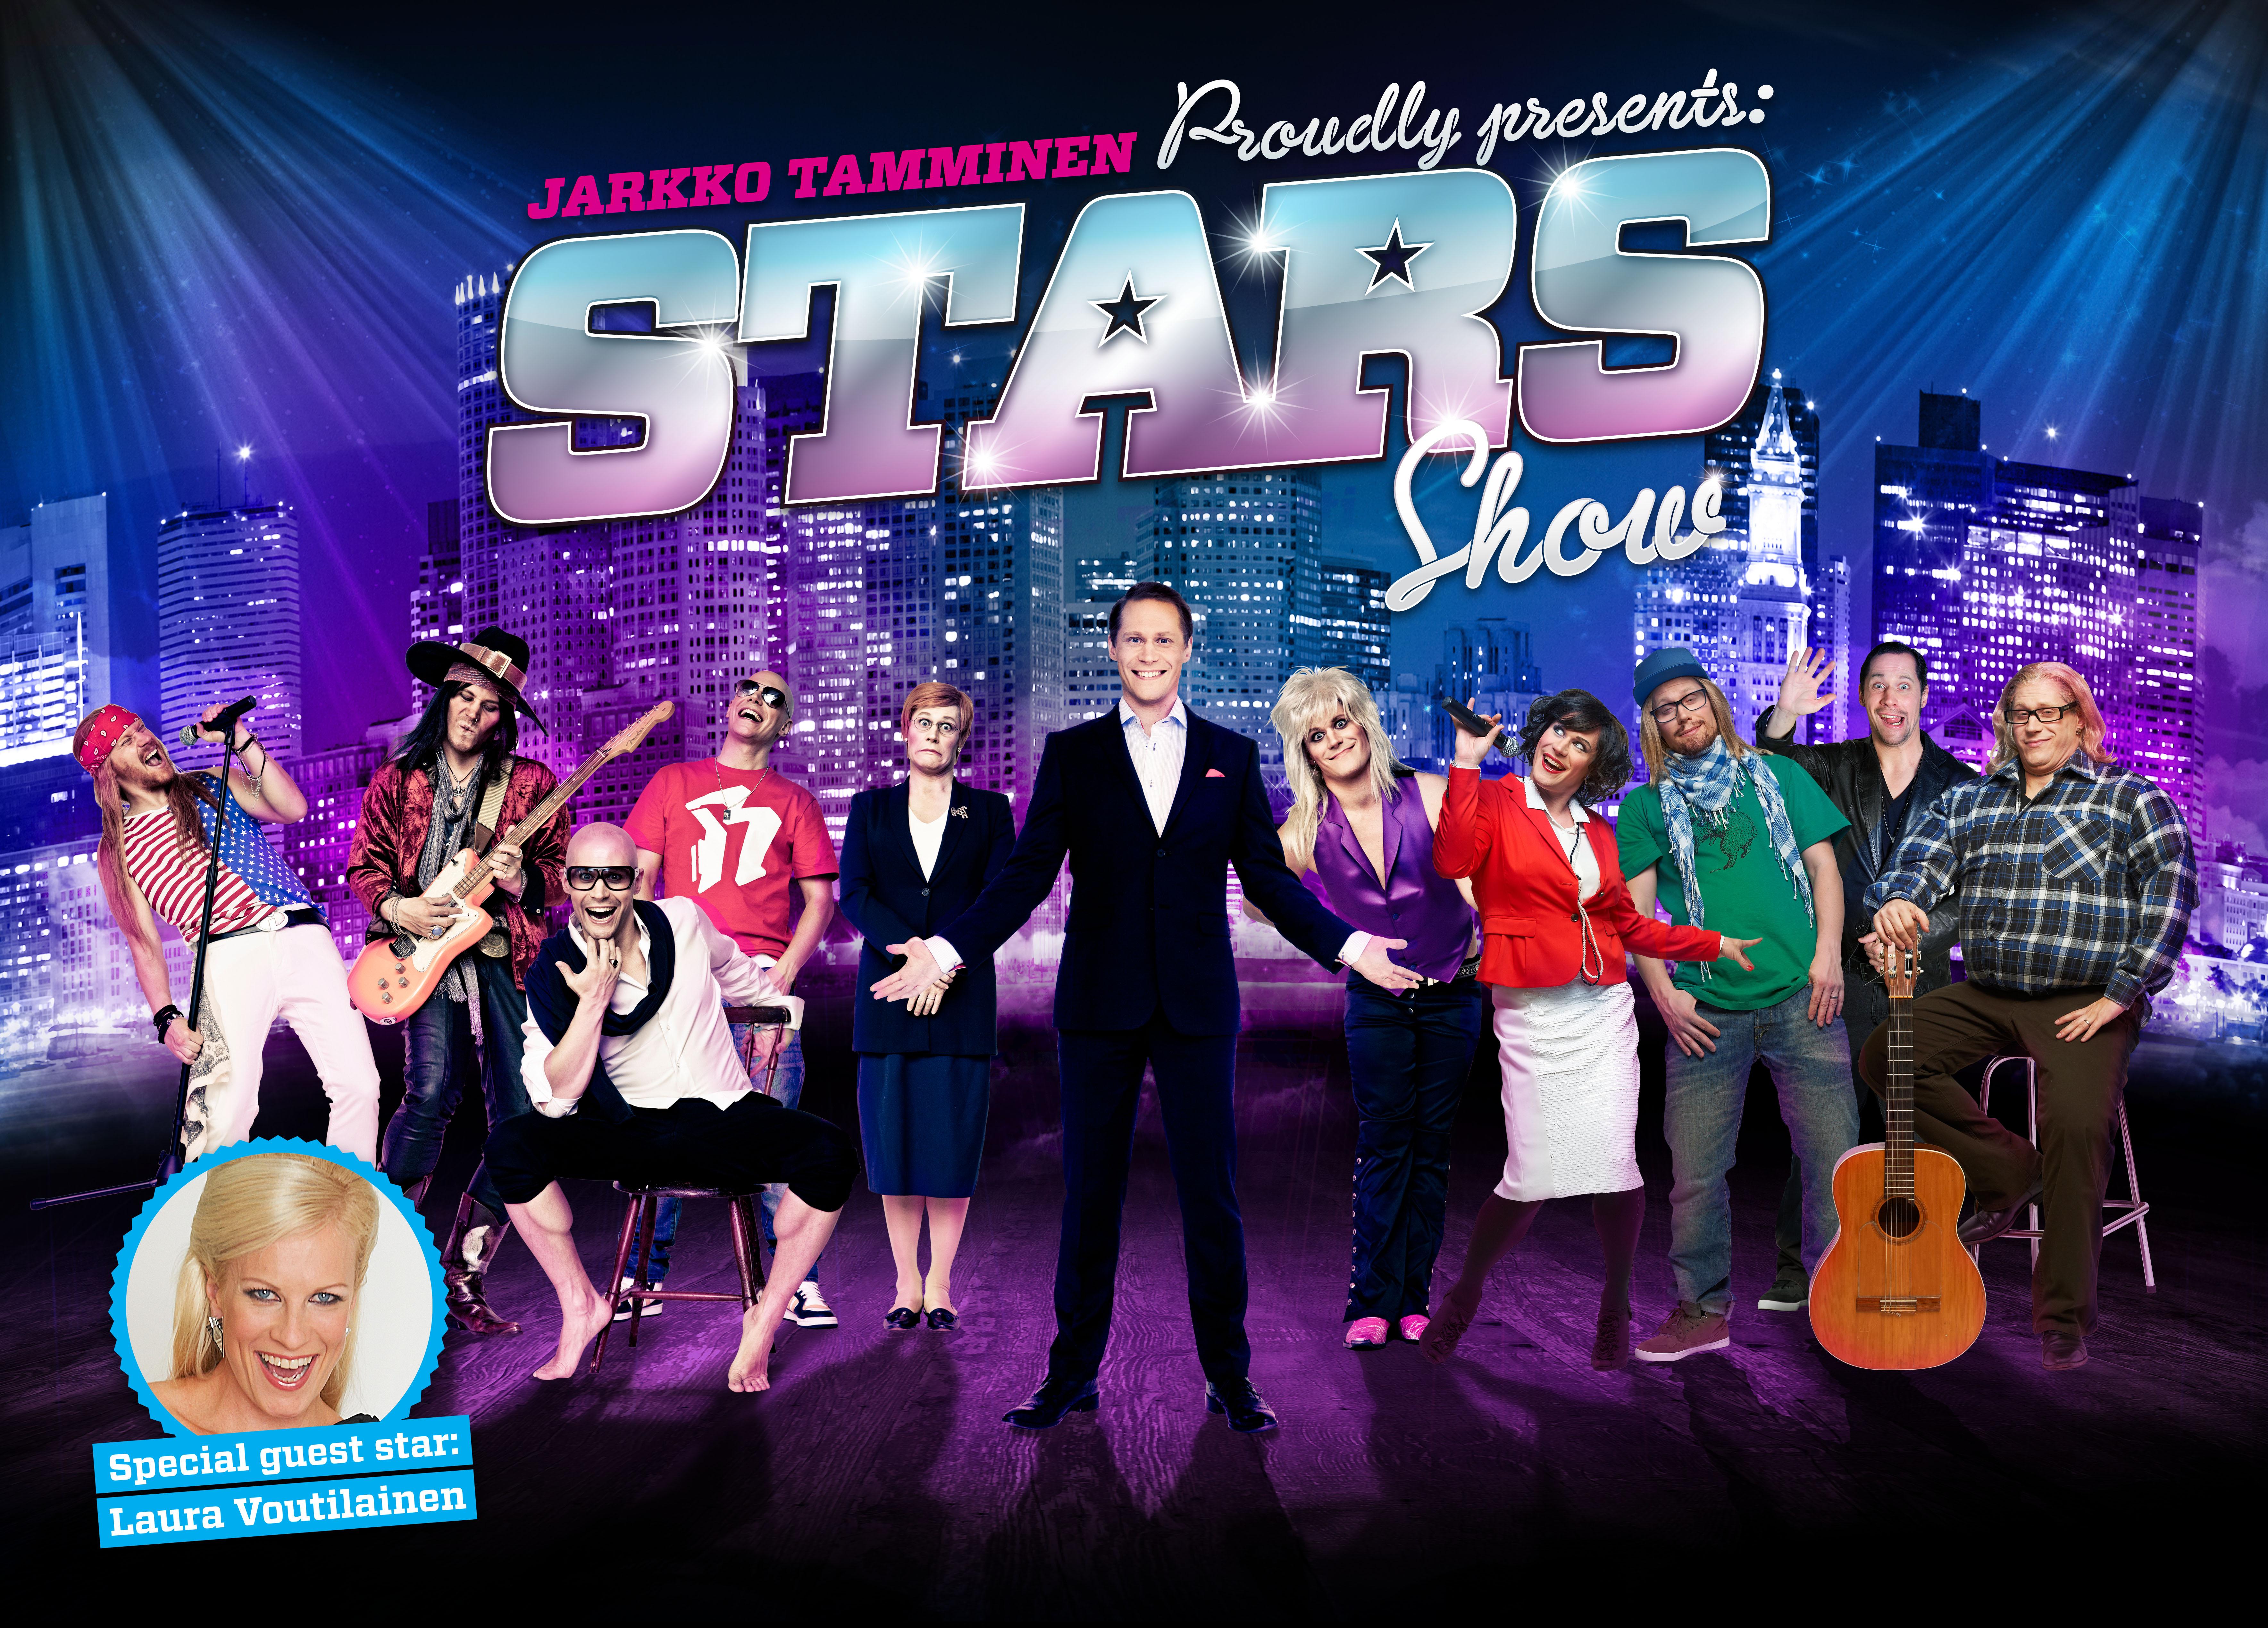 Jarkko Tamminen Stars Show